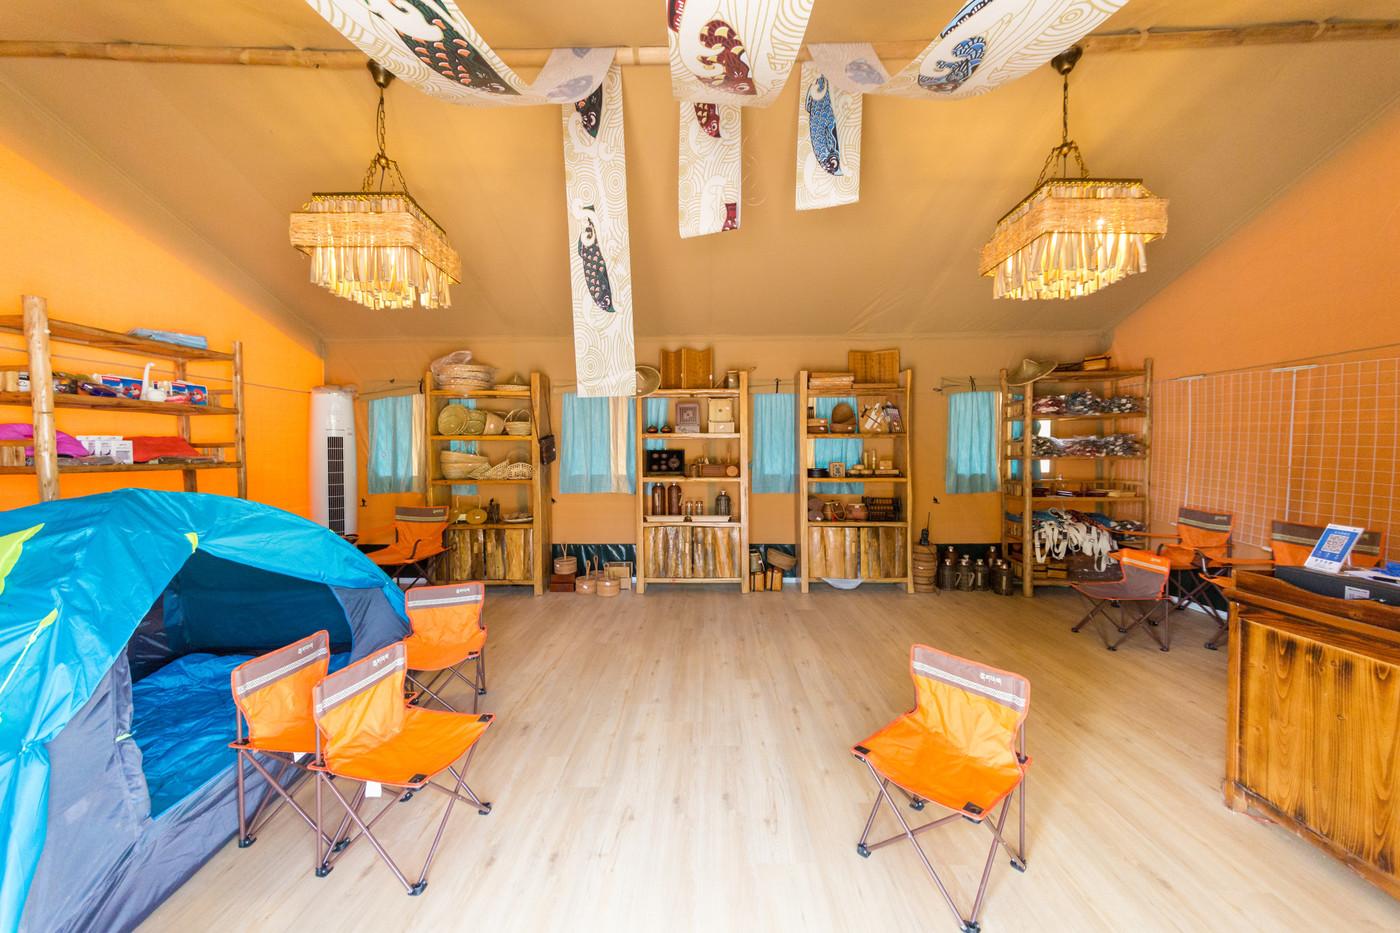 喜马拉雅野奢帐篷酒店—淮安白马湖度假区商铺21